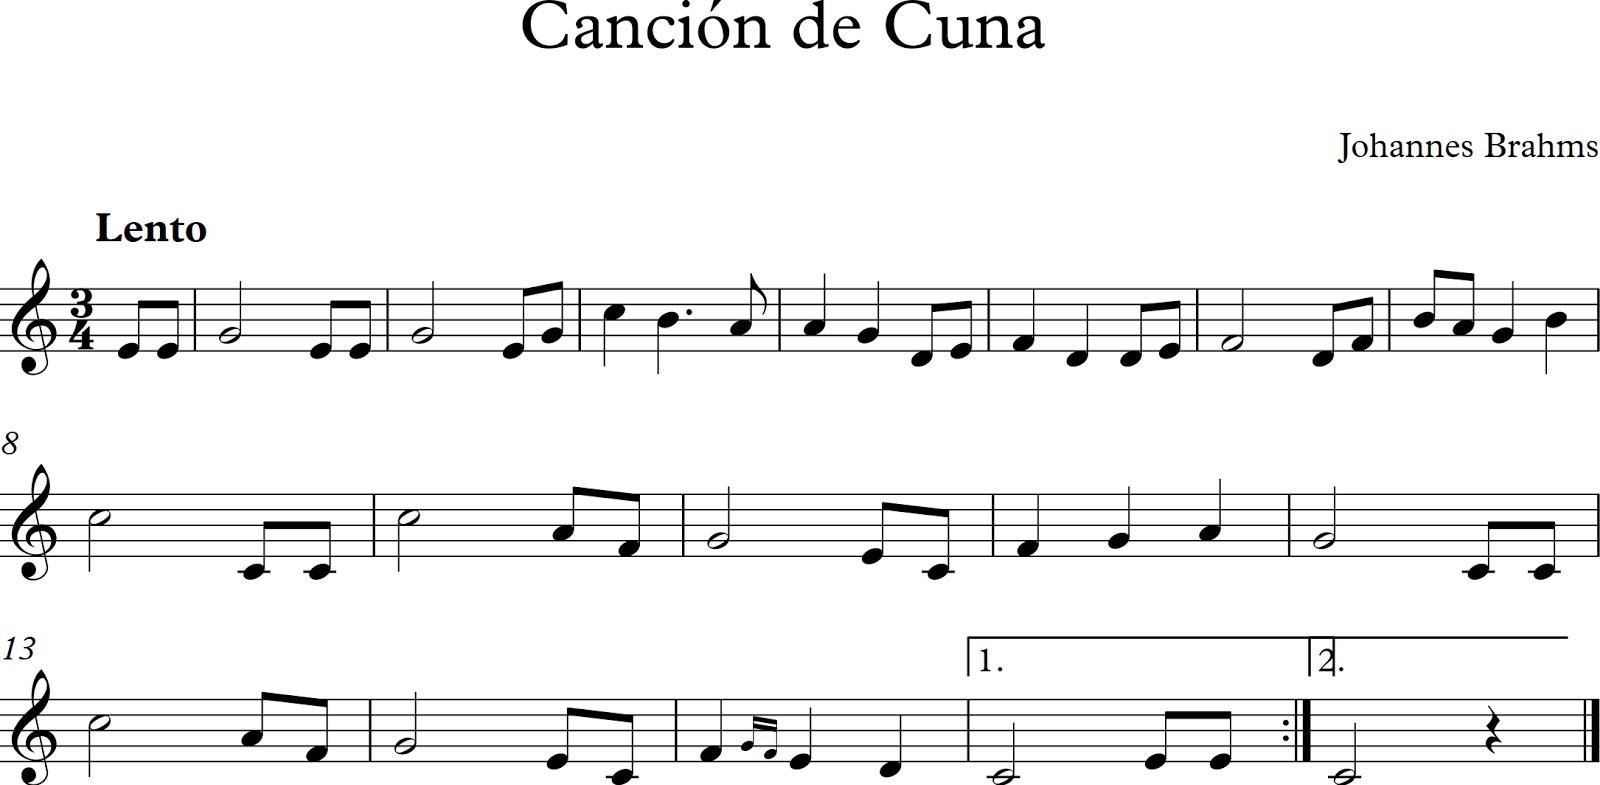 Descubriendo la m sica partituras para flauta dulce o de for Cancion de cuna de brahms